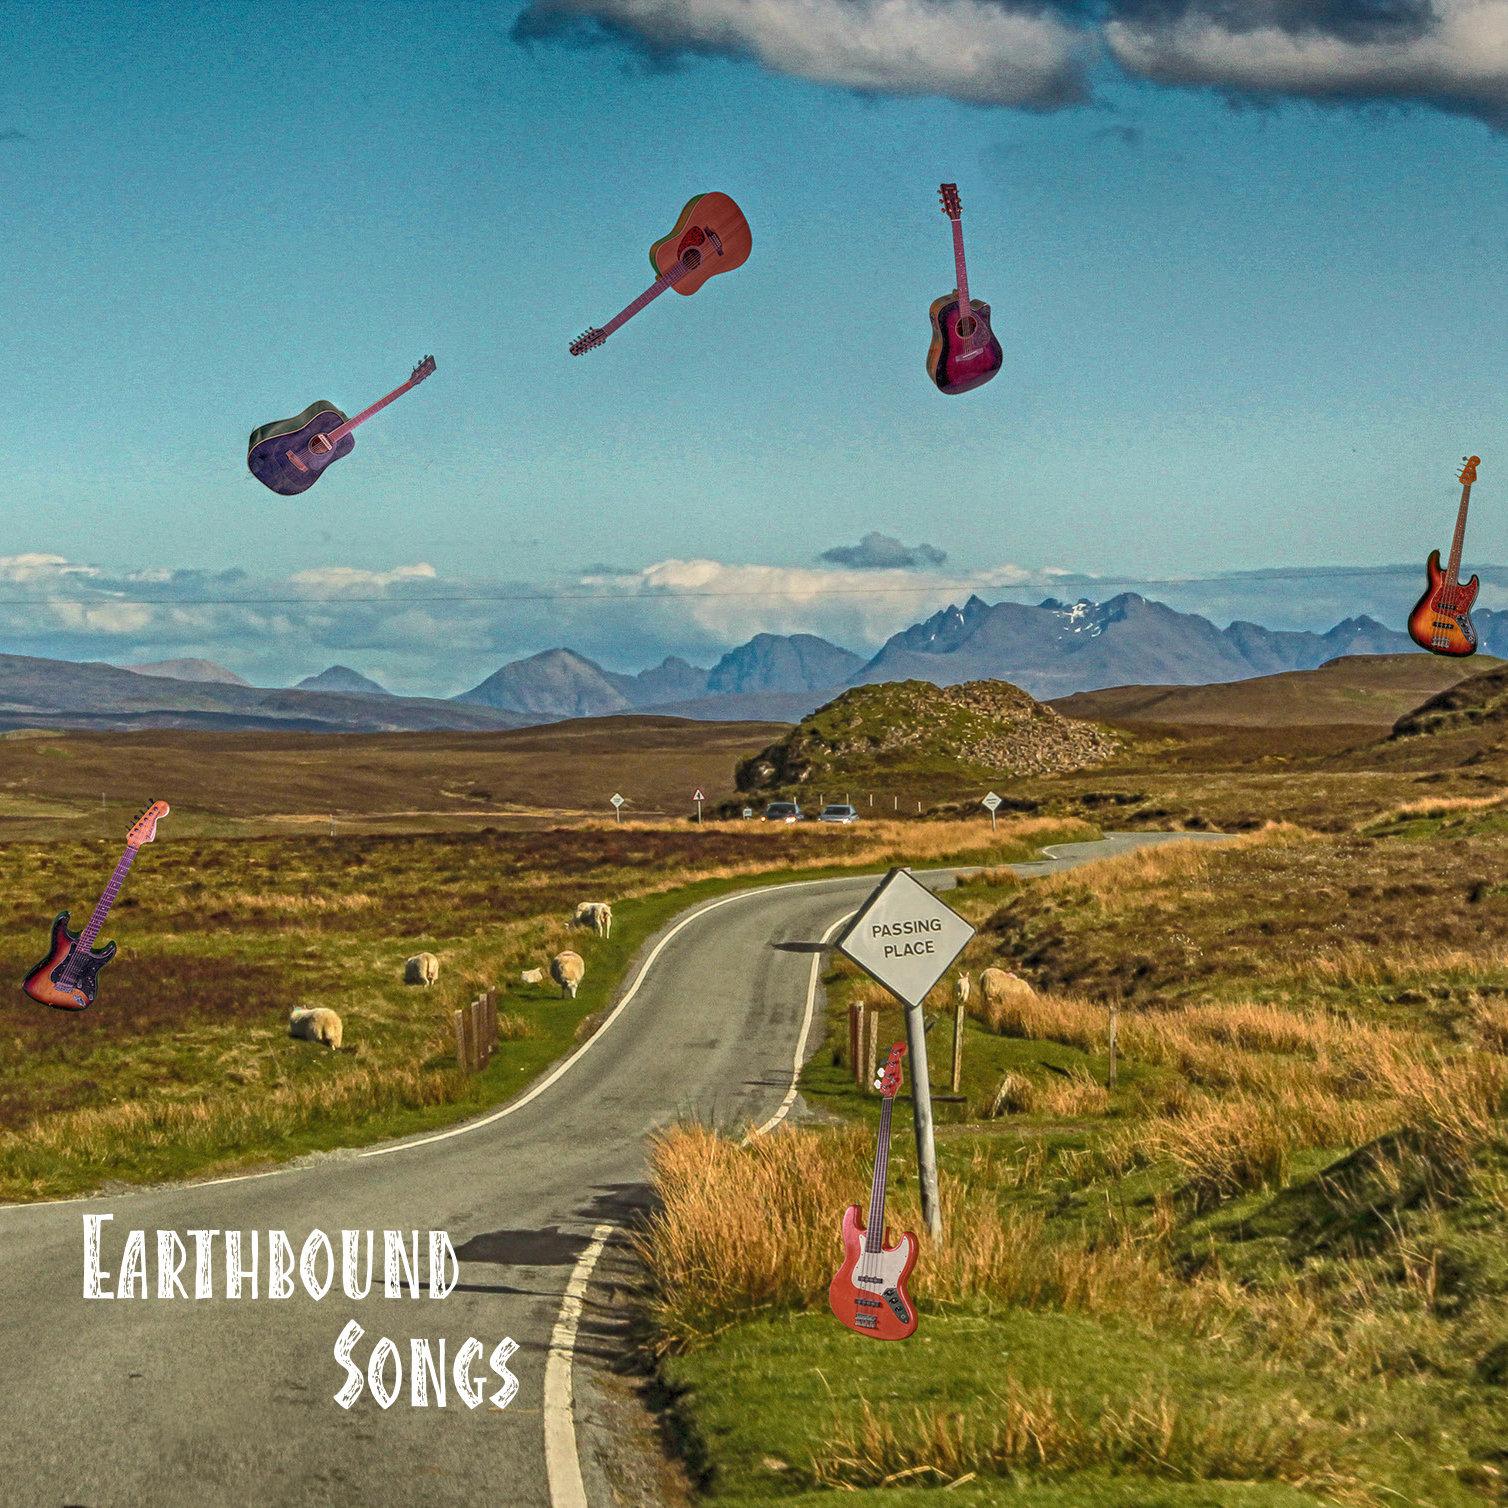 Earthbound_Songs_Adamaschek_Shiregreen